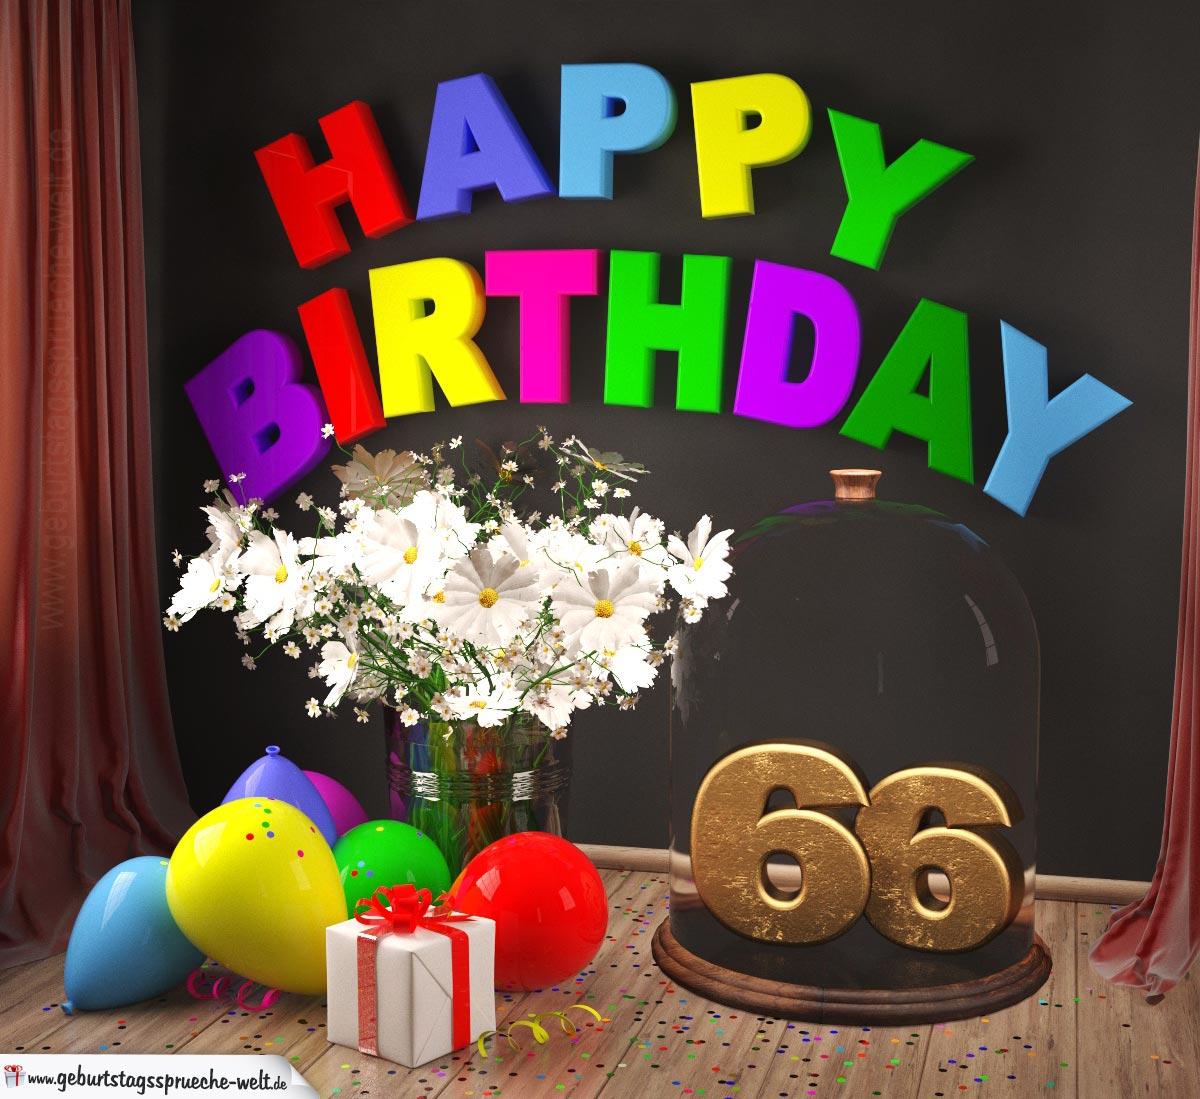 Happy Birthday 66 Jahre Glückwunschkarte mit Margeriten-Blumenstrauß, Luftballons und Geschenk unter Glasglocke